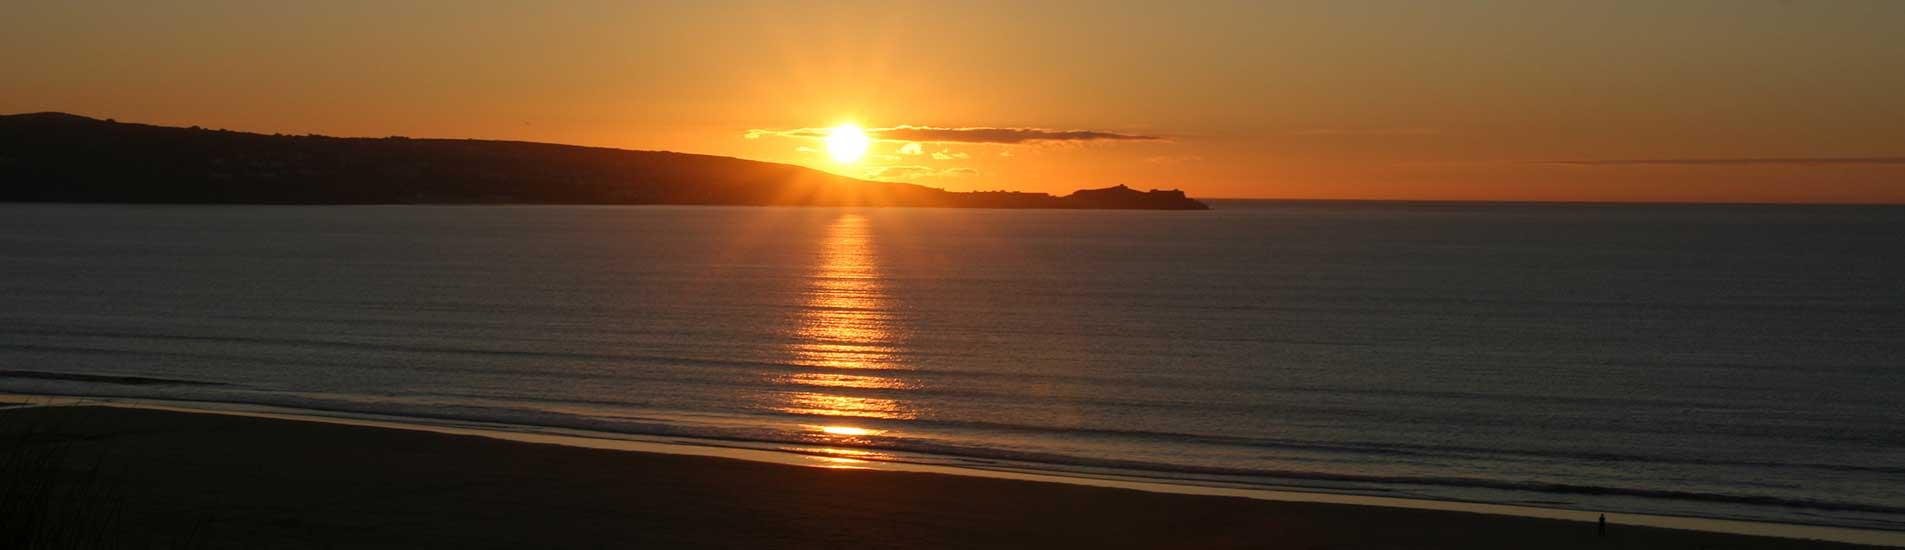 Sunset-st-ives-bay